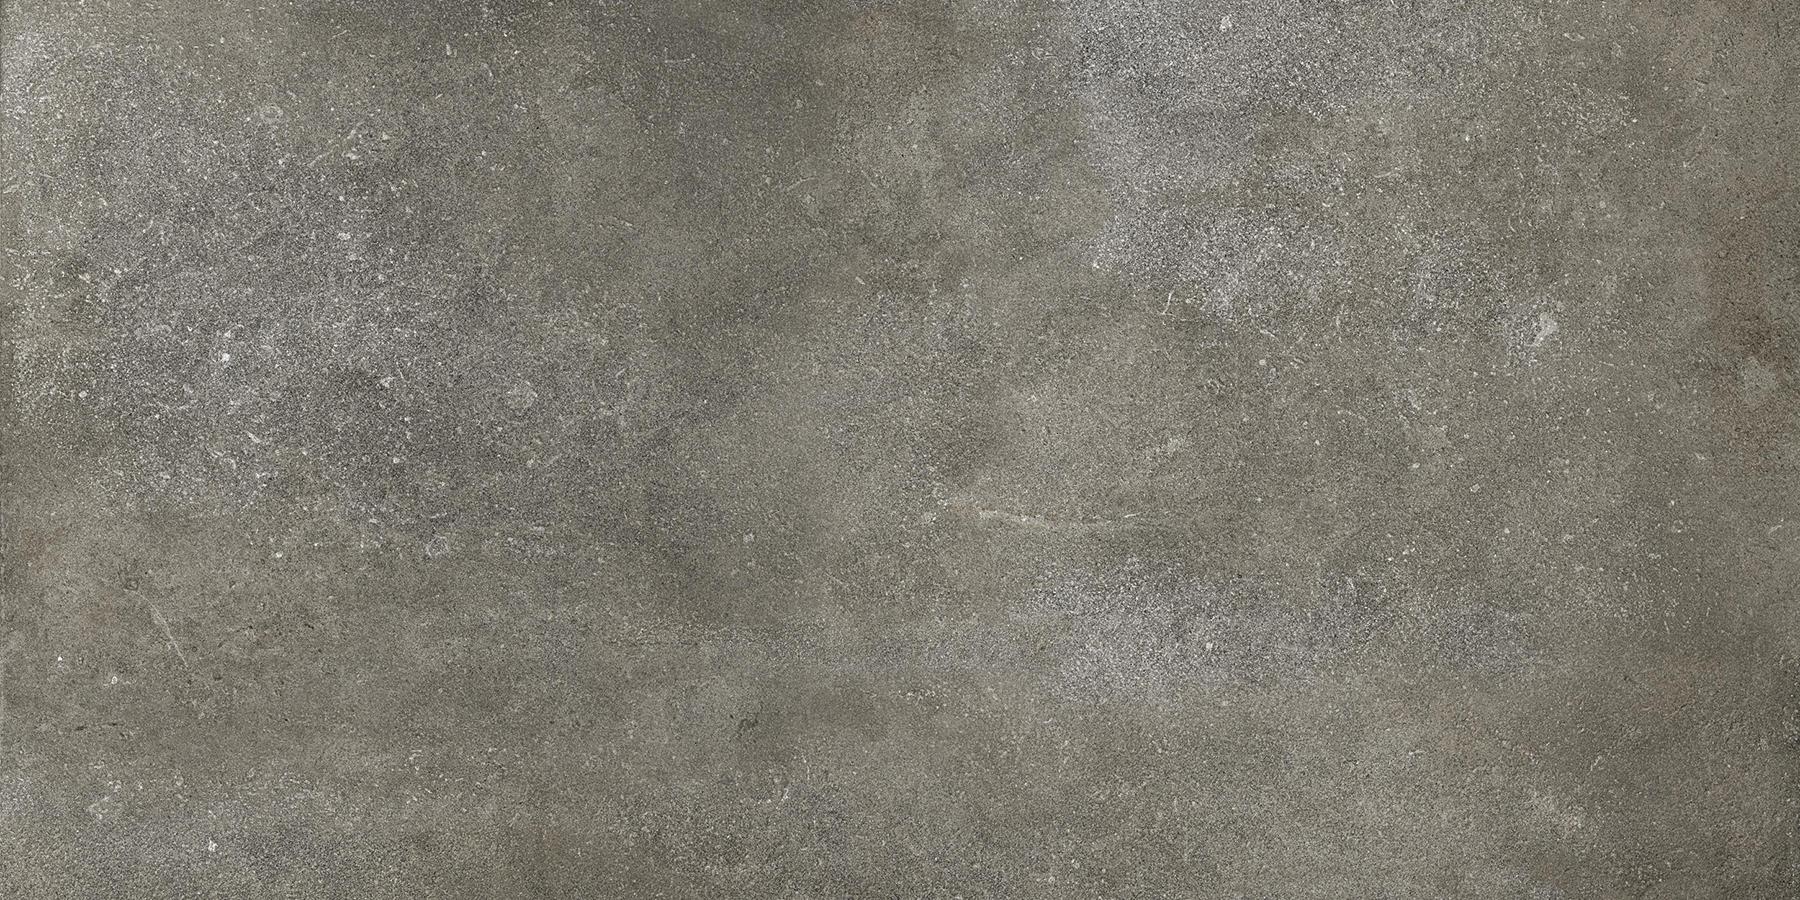 DEL CONCA Anversa HAV208 scav08r Terrassenplatte 60x120 matt